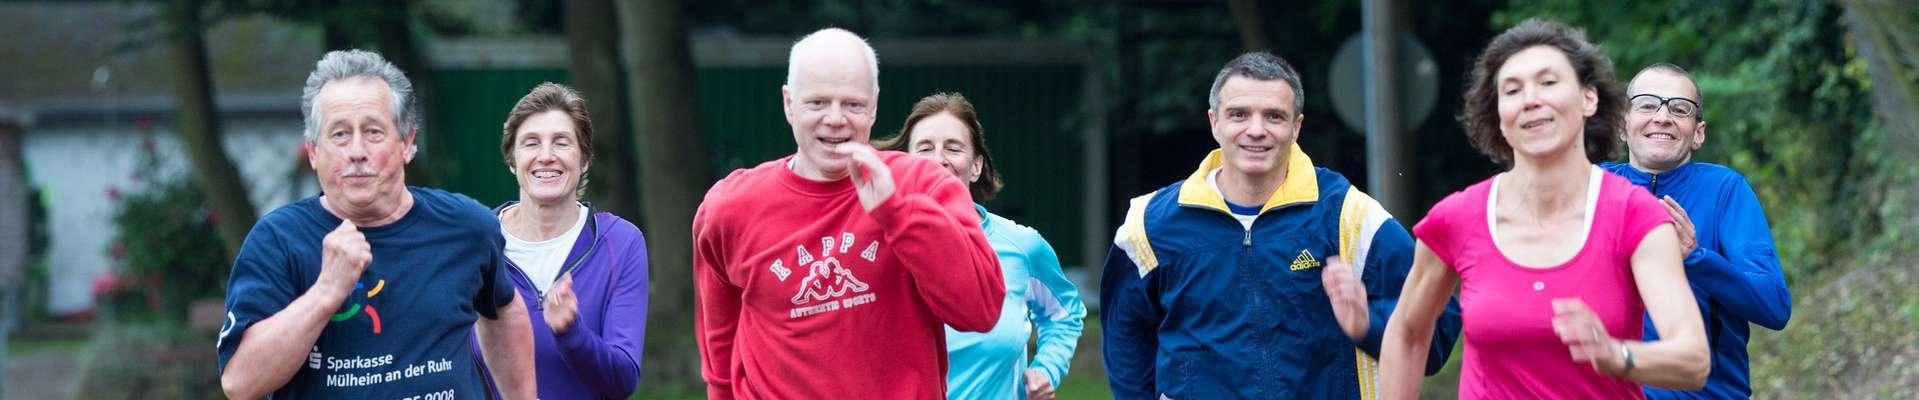 Headerbild Sport und Bildung Jogginggruppe Senioren